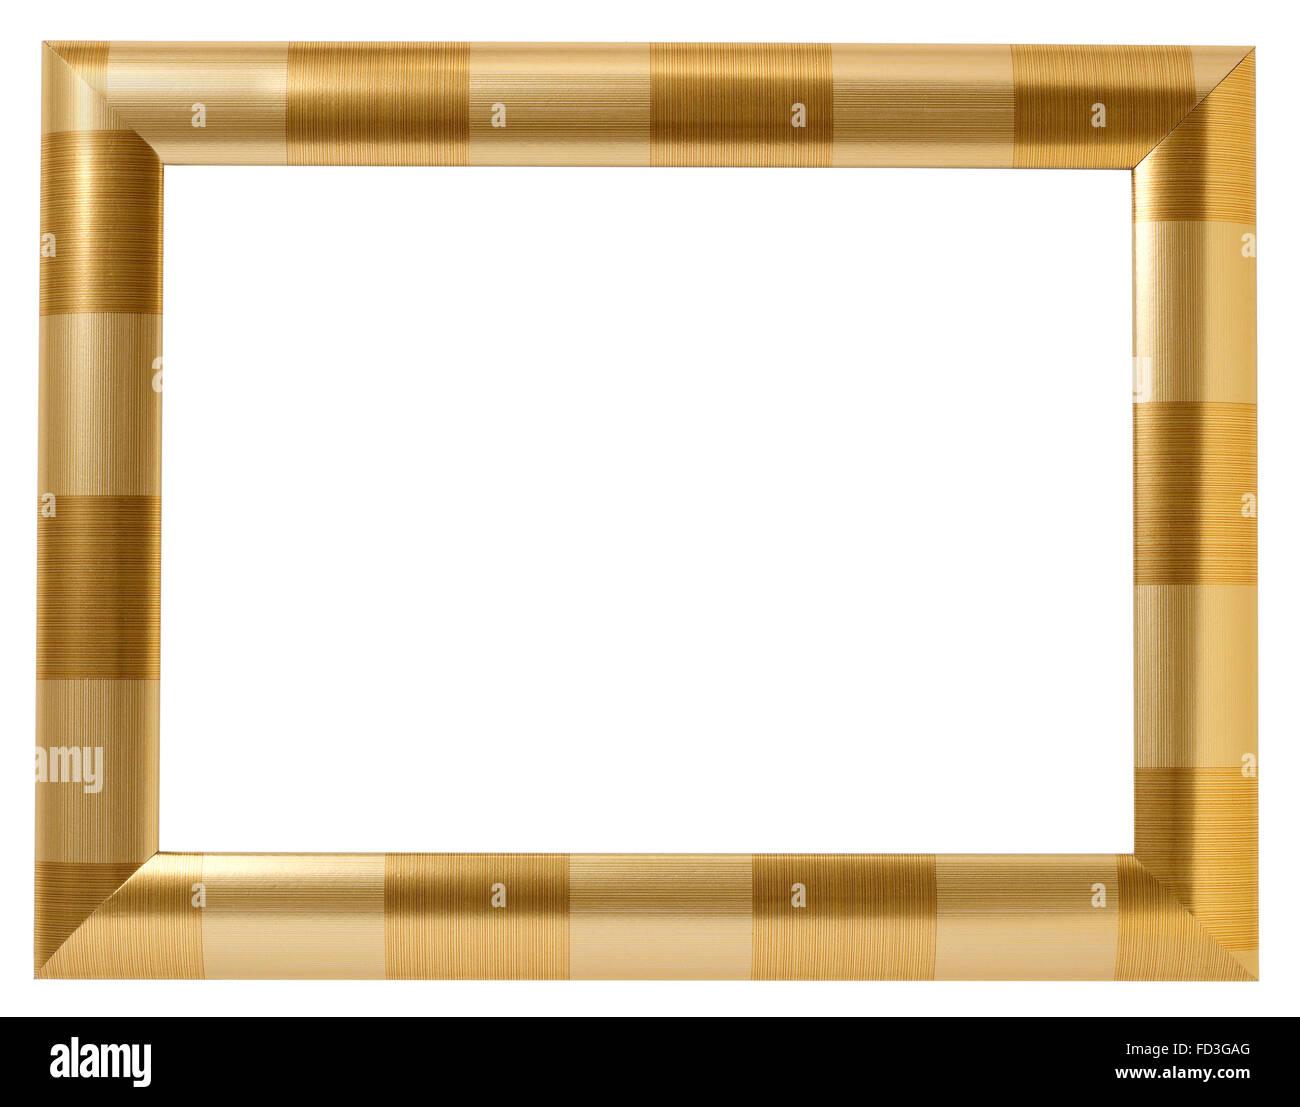 Groß Runde Goldbilderrahmen Fotos - Benutzerdefinierte Bilderrahmen ...